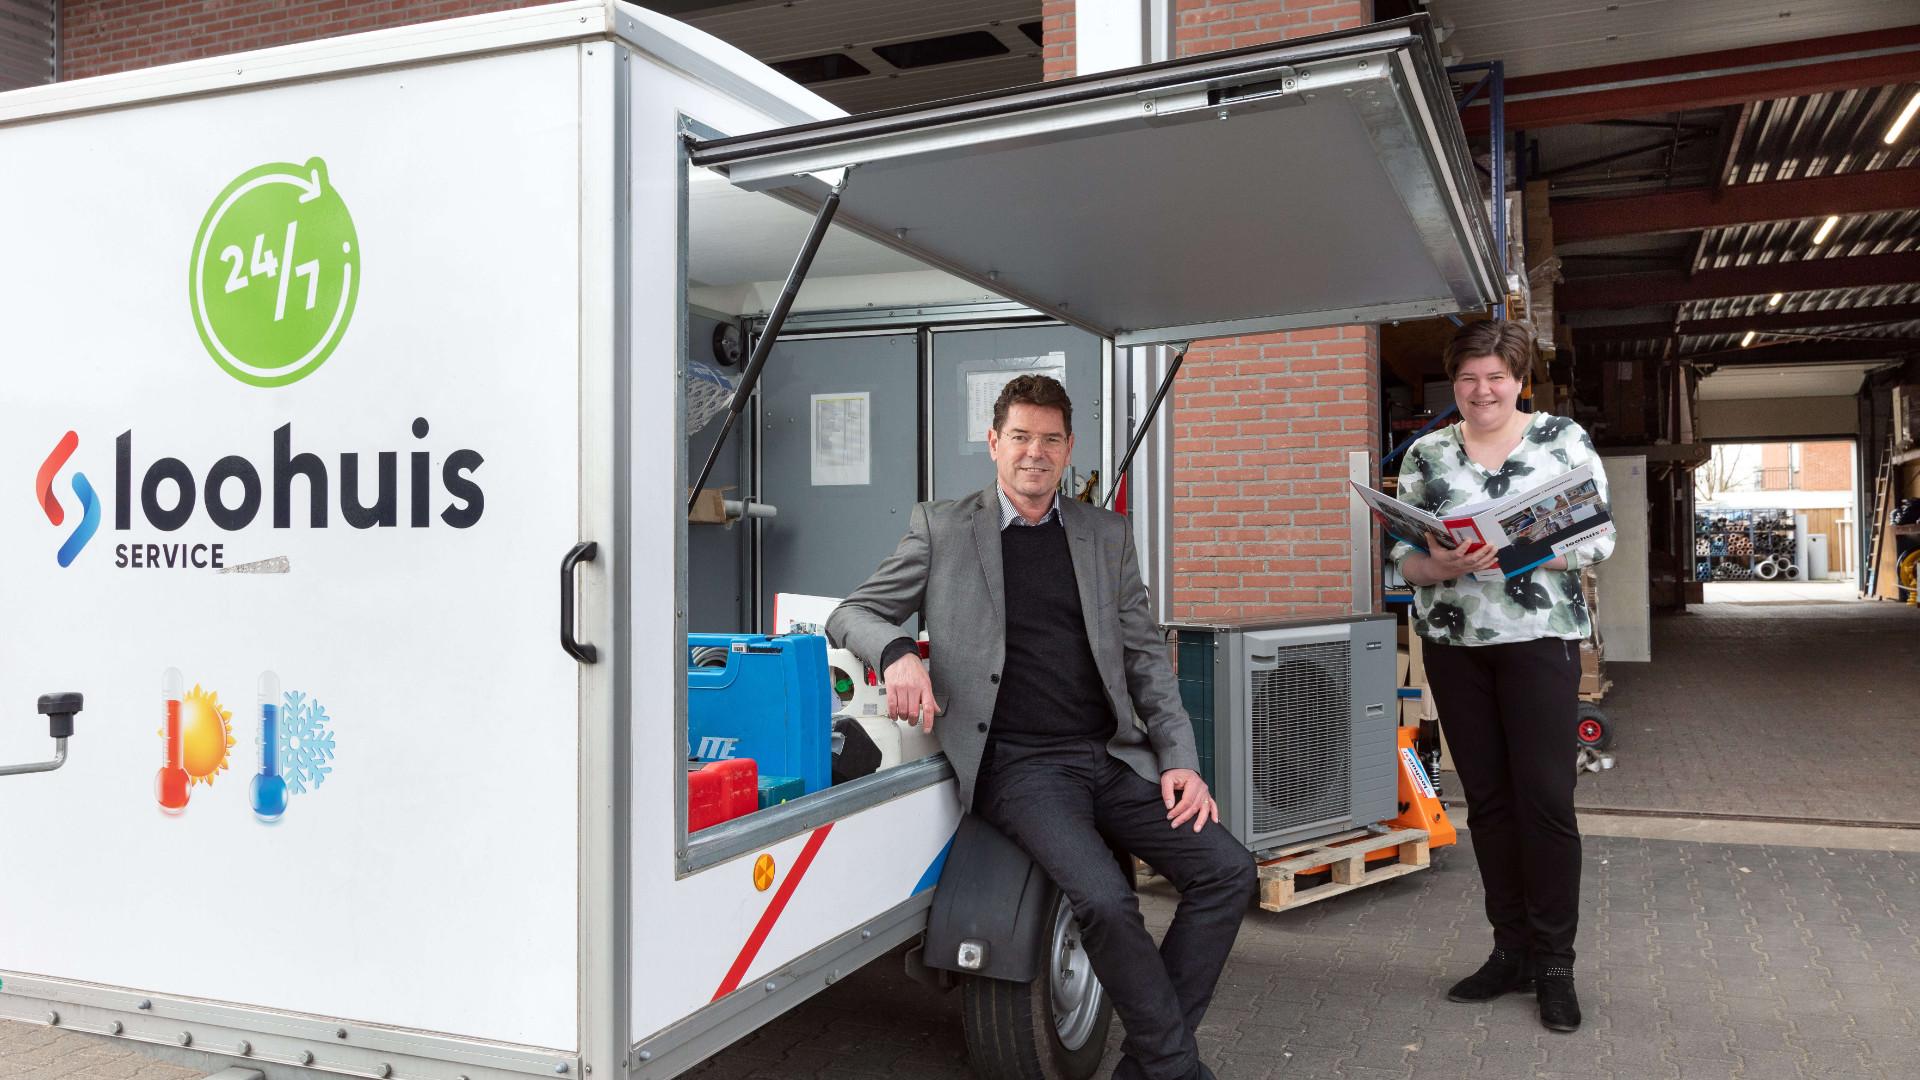 """Marleen Peddemors en Ben Kuipers bij een van de service-aanhangers voor warmtepompen van Loohuis Installatietechnieken: """"We zijn blij met de brugfunctie van STO Almelo die helpt samenwerking tussen bedrijven en scholen tot stand te brengen."""""""